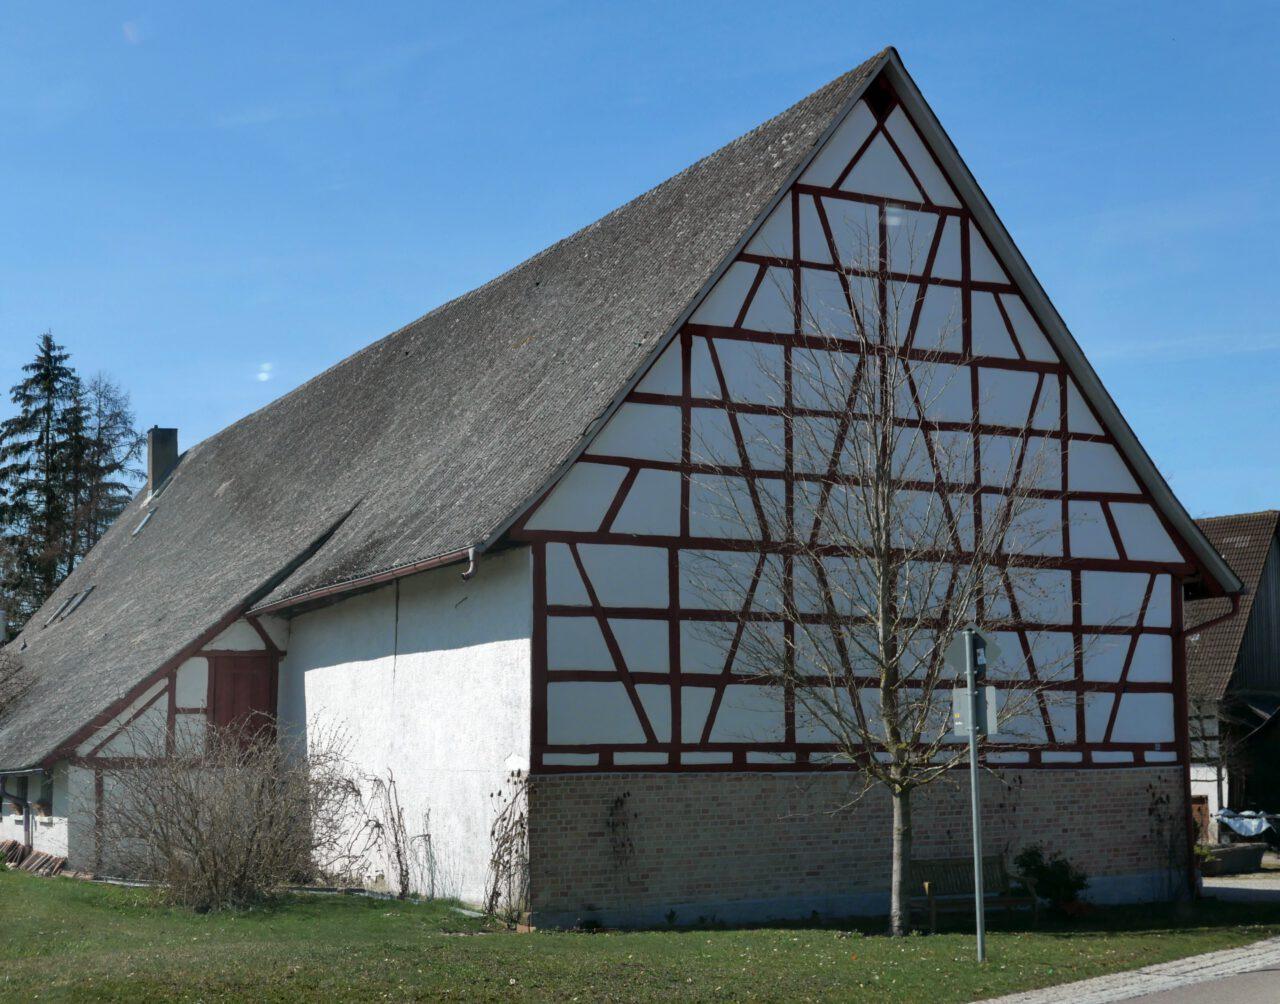 Hof in Rast - wichtiger Schauplatz im Werk des Dichters und Büchnerpreisträgers Arnold Stadler